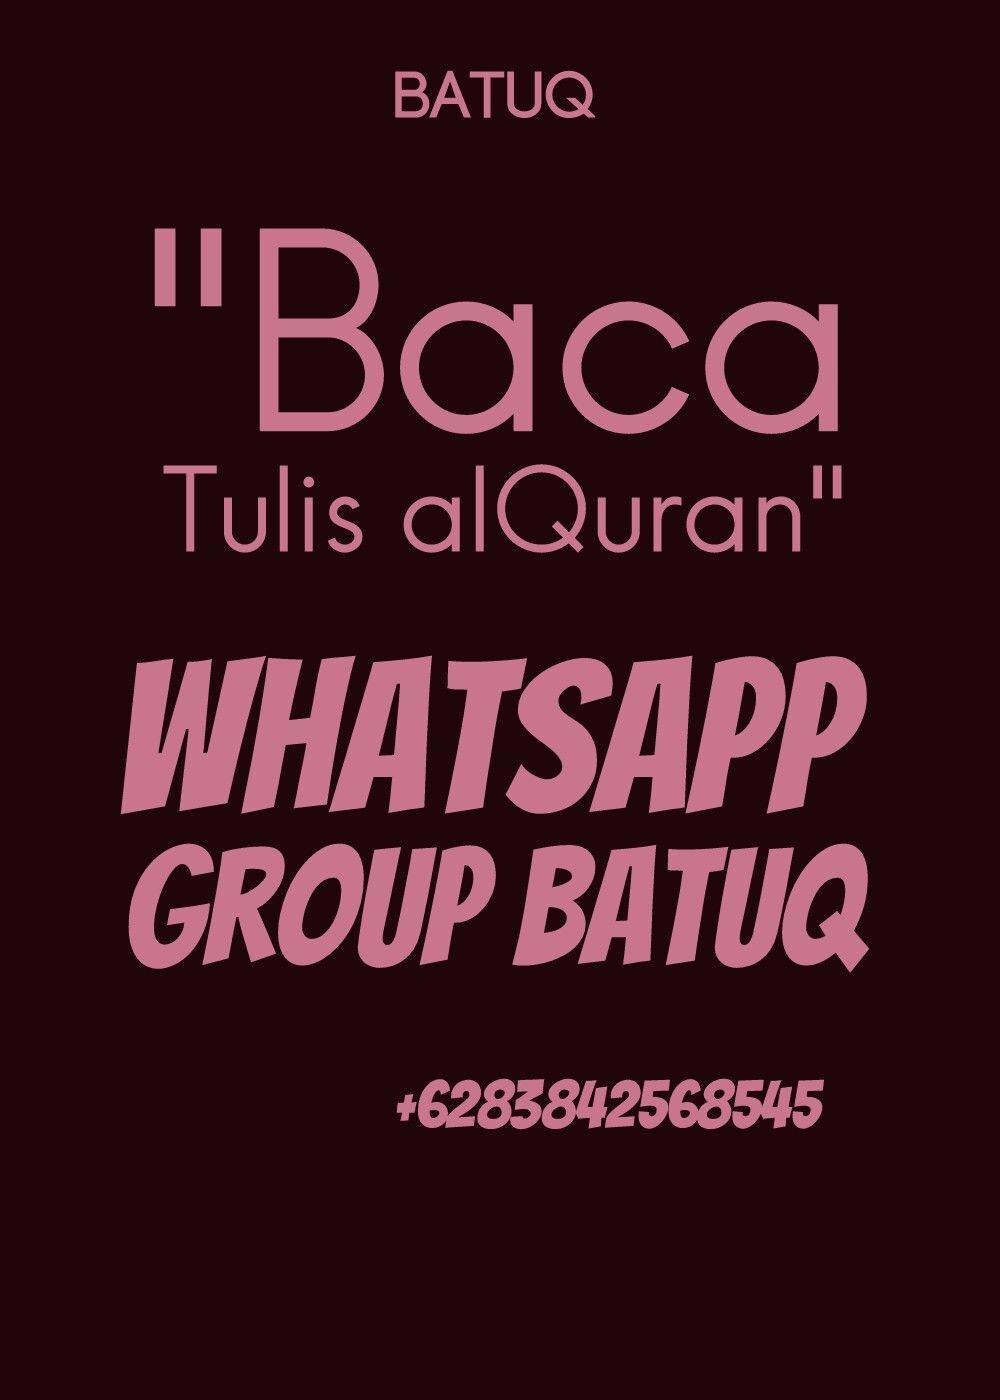 Silakan Bergabung Dengan Group Whatsapp Batuq Baca Tulis Alquran Hubungi 6283842568545 Tulisan